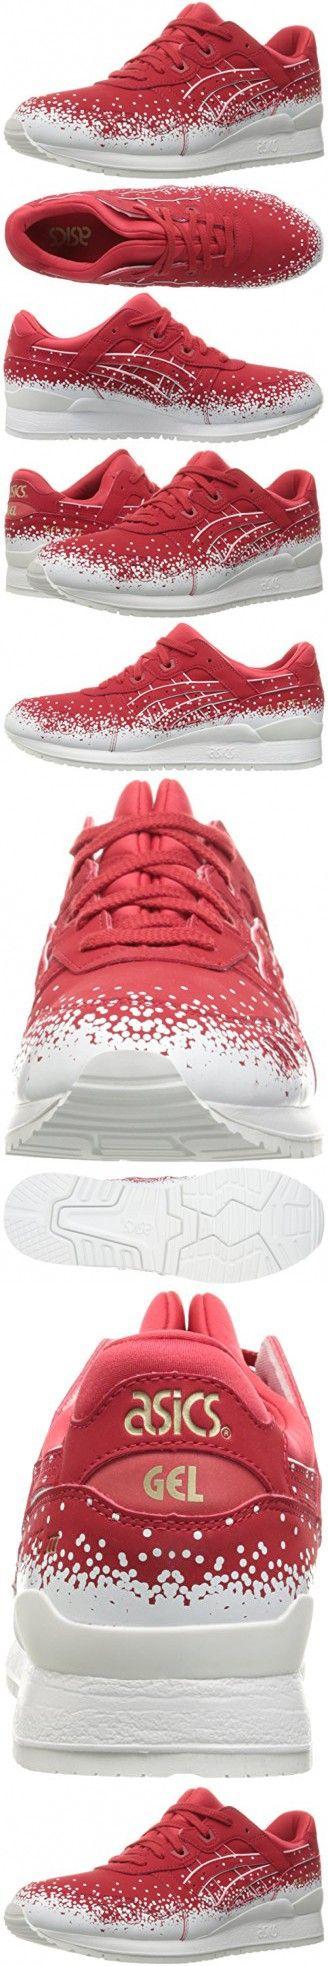 ASICS Men's Gel-Lyte Iii Fashion Sneaker, Red, 9.5 M US